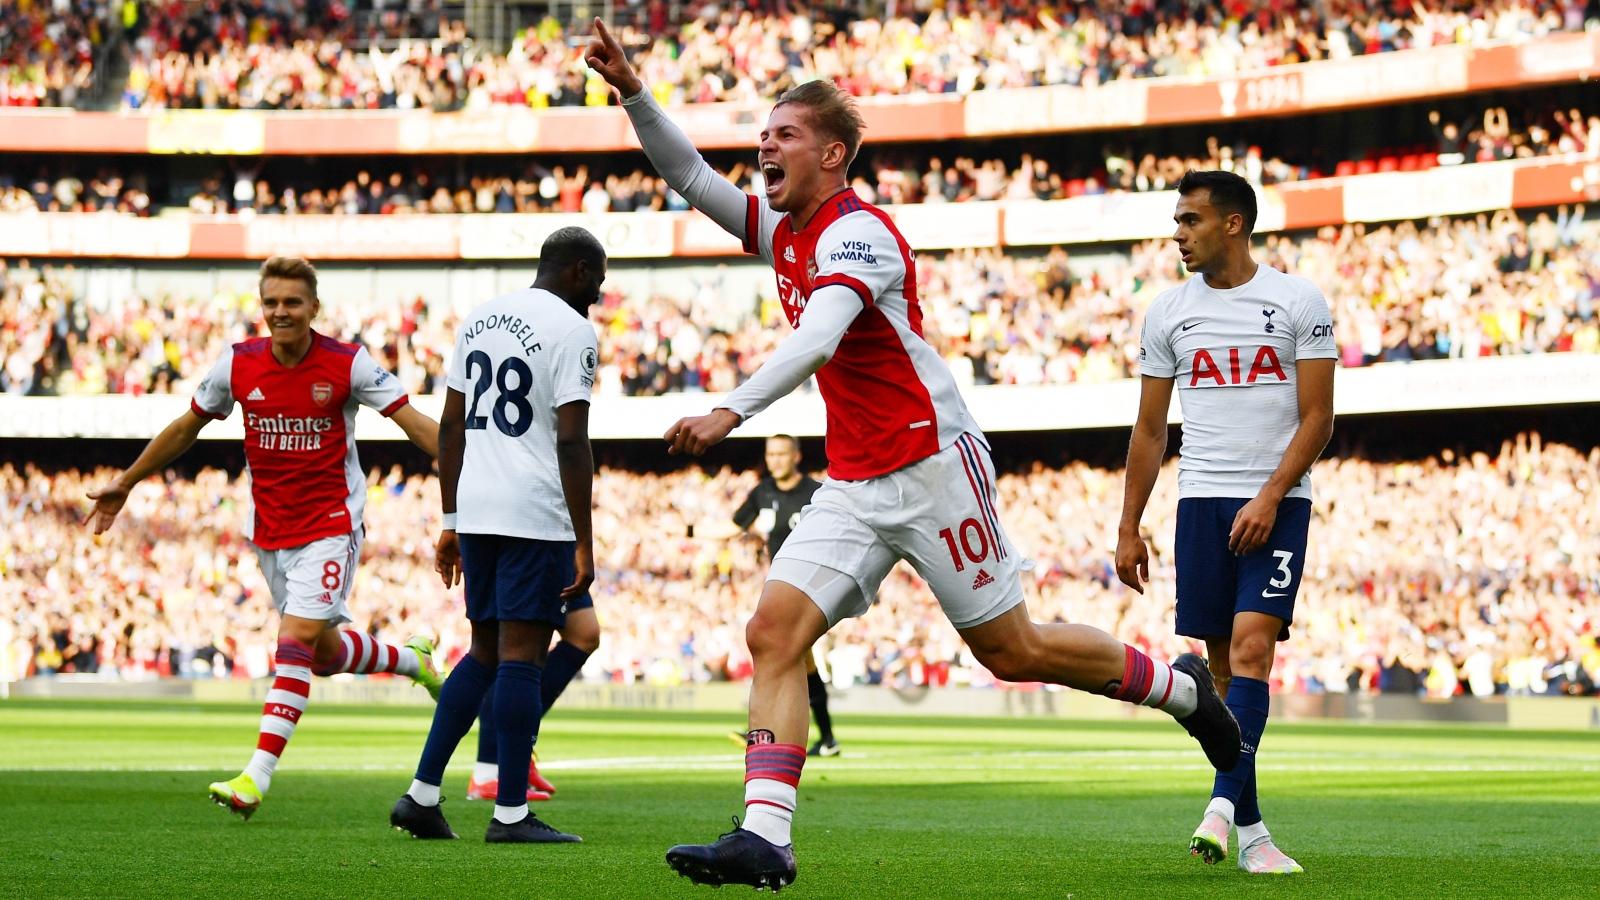 TRỰC TIẾP Arsenal 3-0Tottenham: Cơn mưa bàn thắng ở Emirates